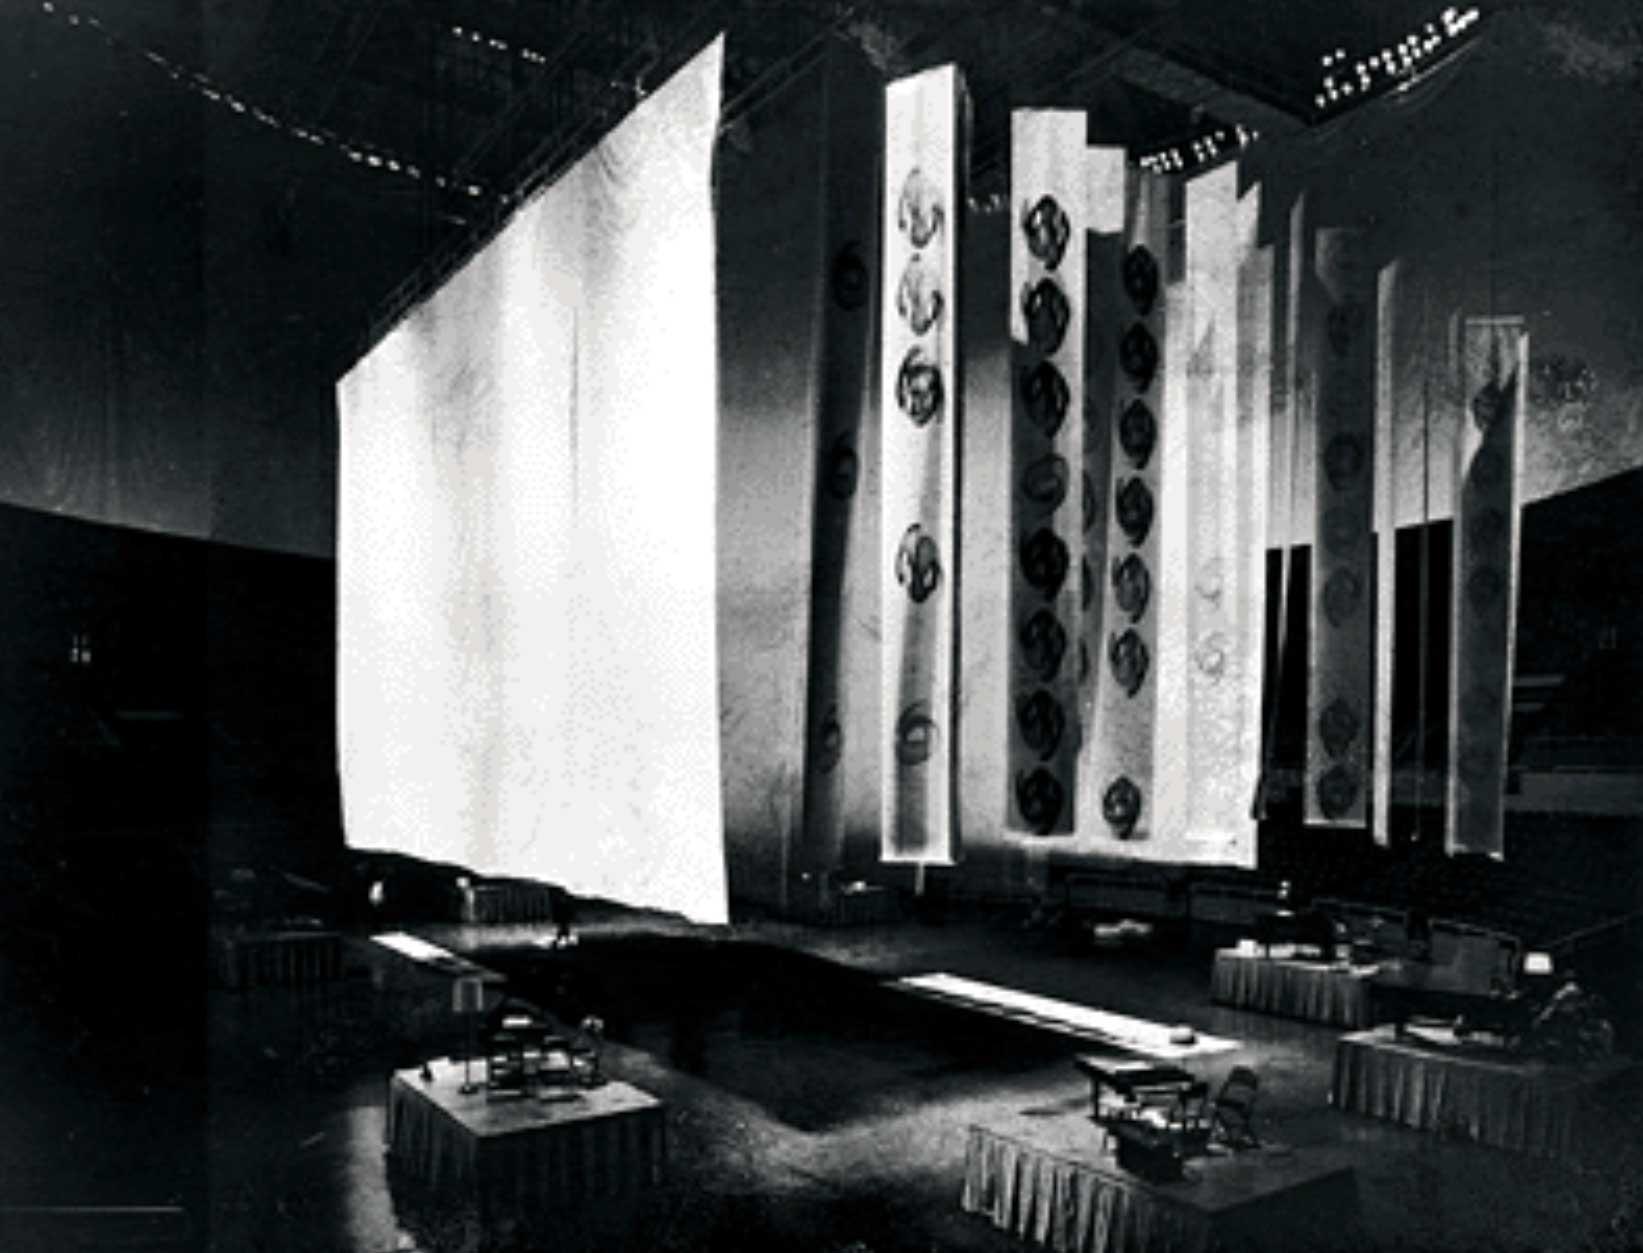 Un'immagine dell'Assemlby Hall prima della performance. Si notano i banner grafici.